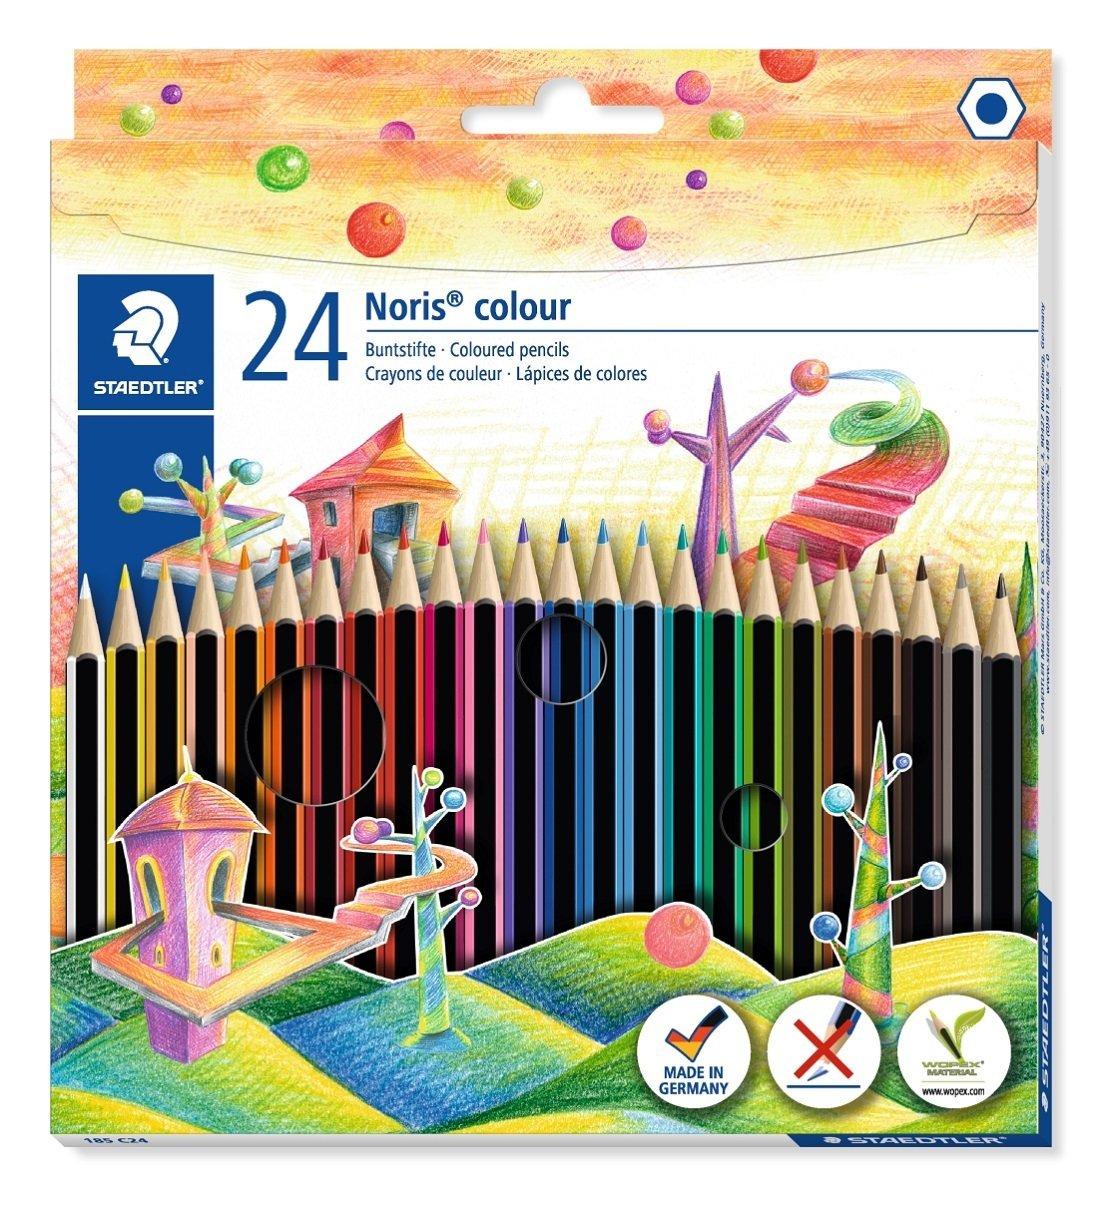 Staedtler 185 24 Noris Colour Colouring Pencil - Assorted Colours £2.80 @ Amazon